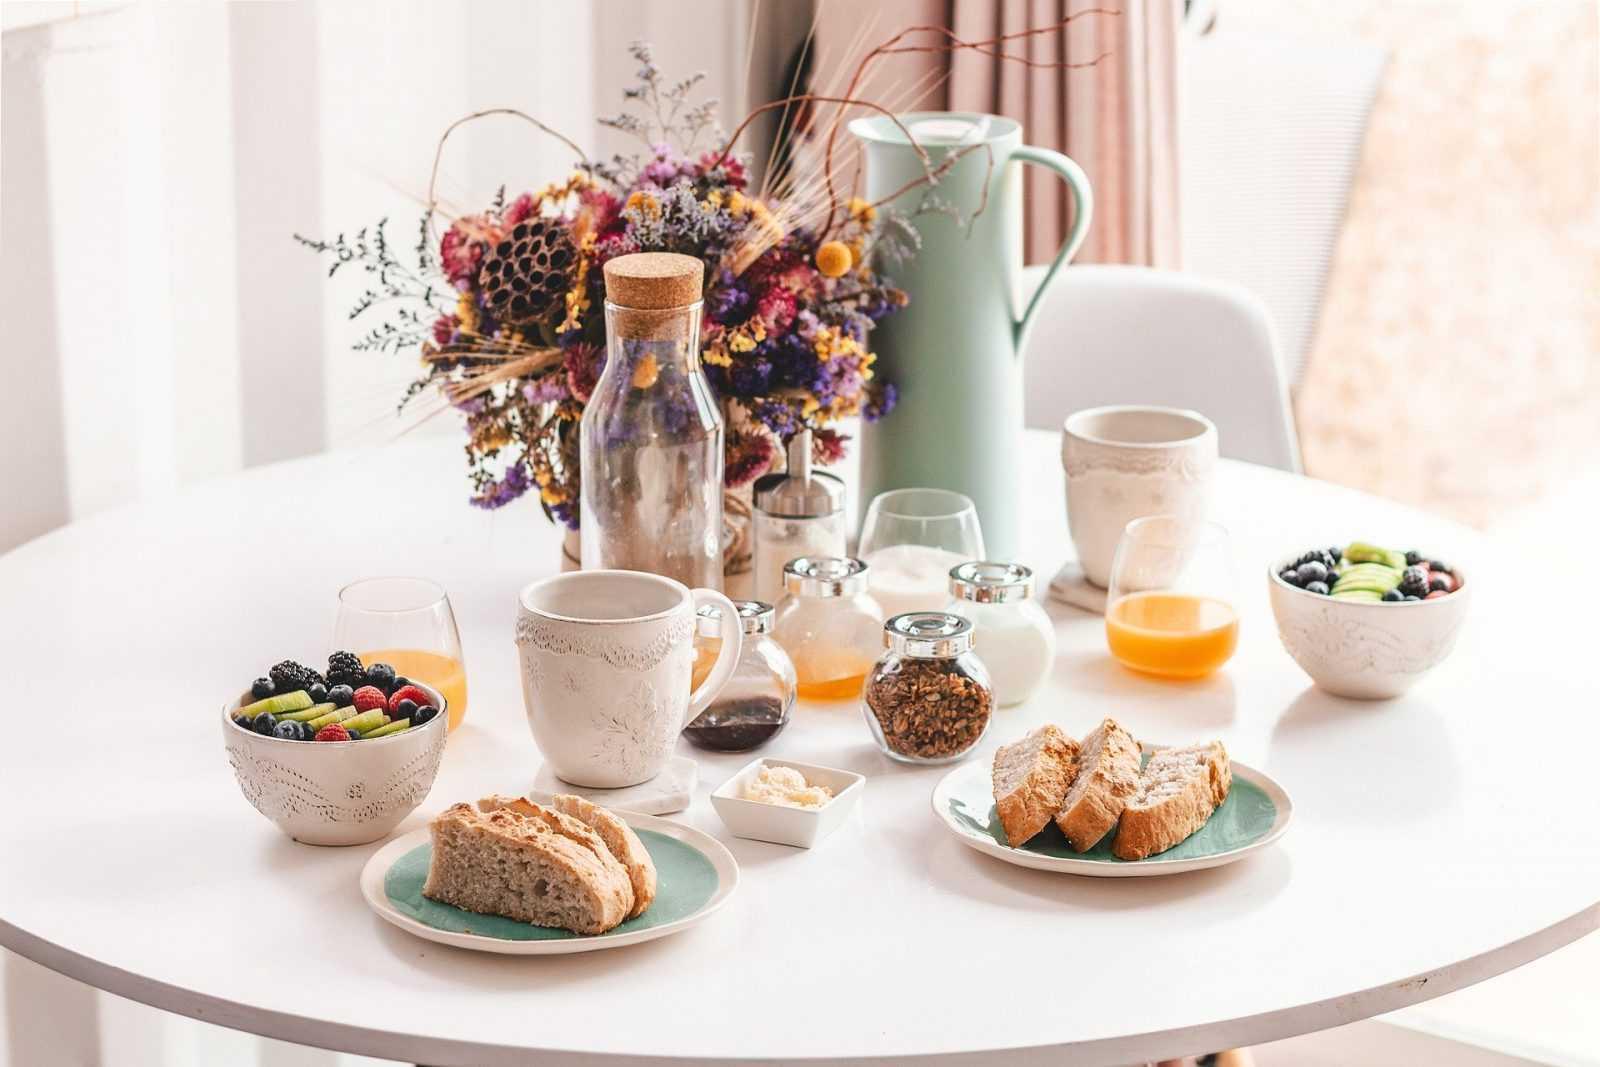 Migliori.io Top 10: I migliori prodotti per una colazione ideale